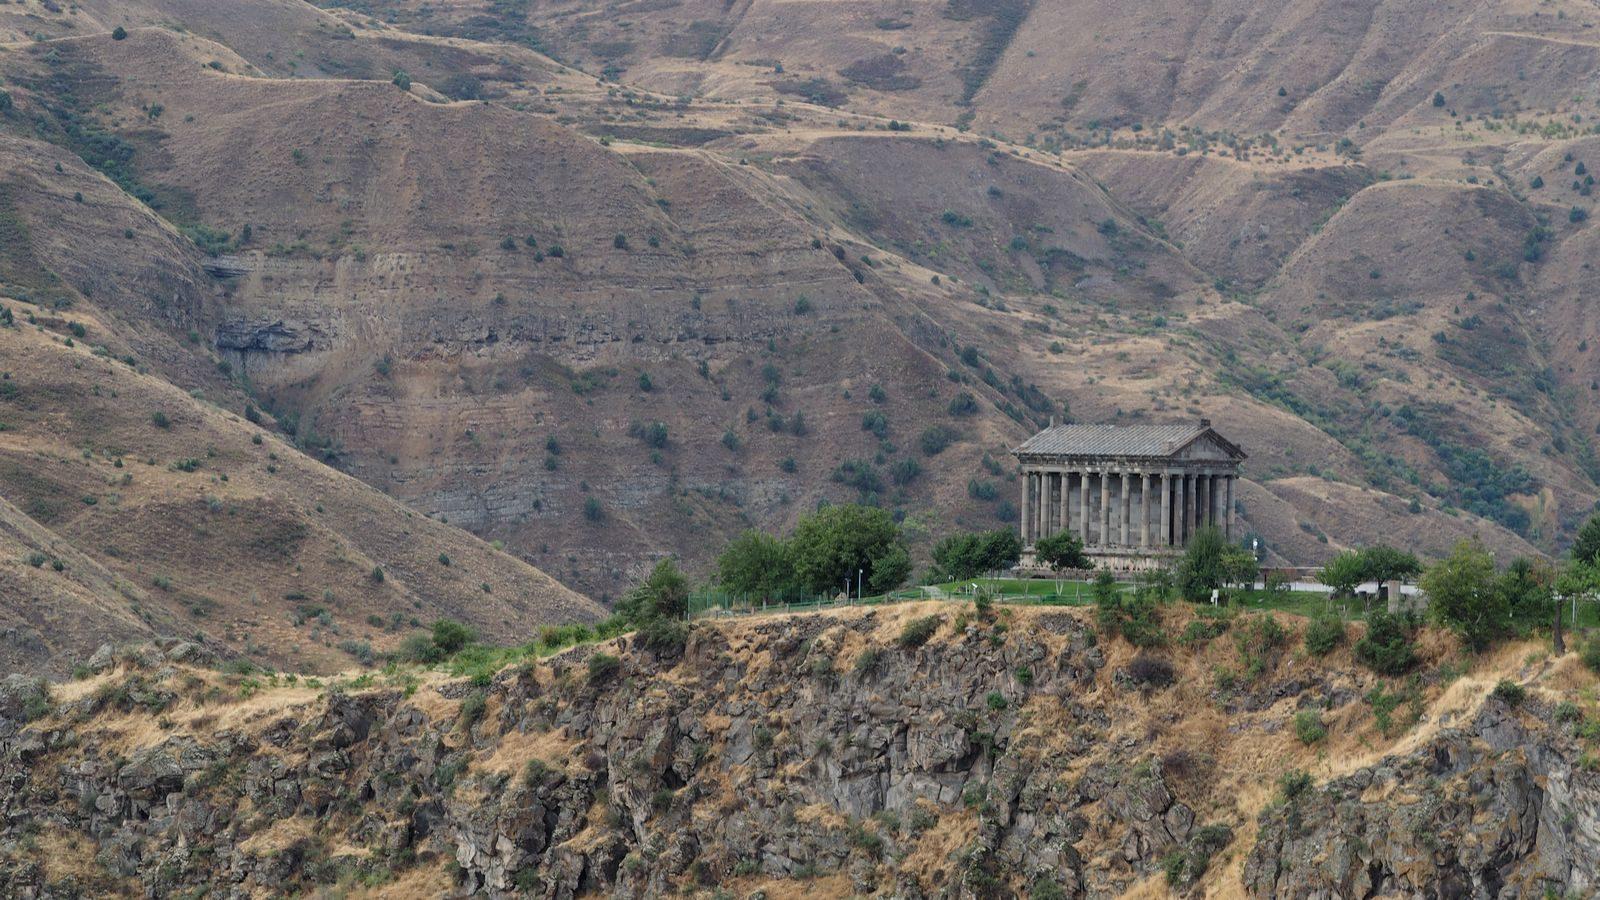 Radreise Armenien - Tempel in Garni